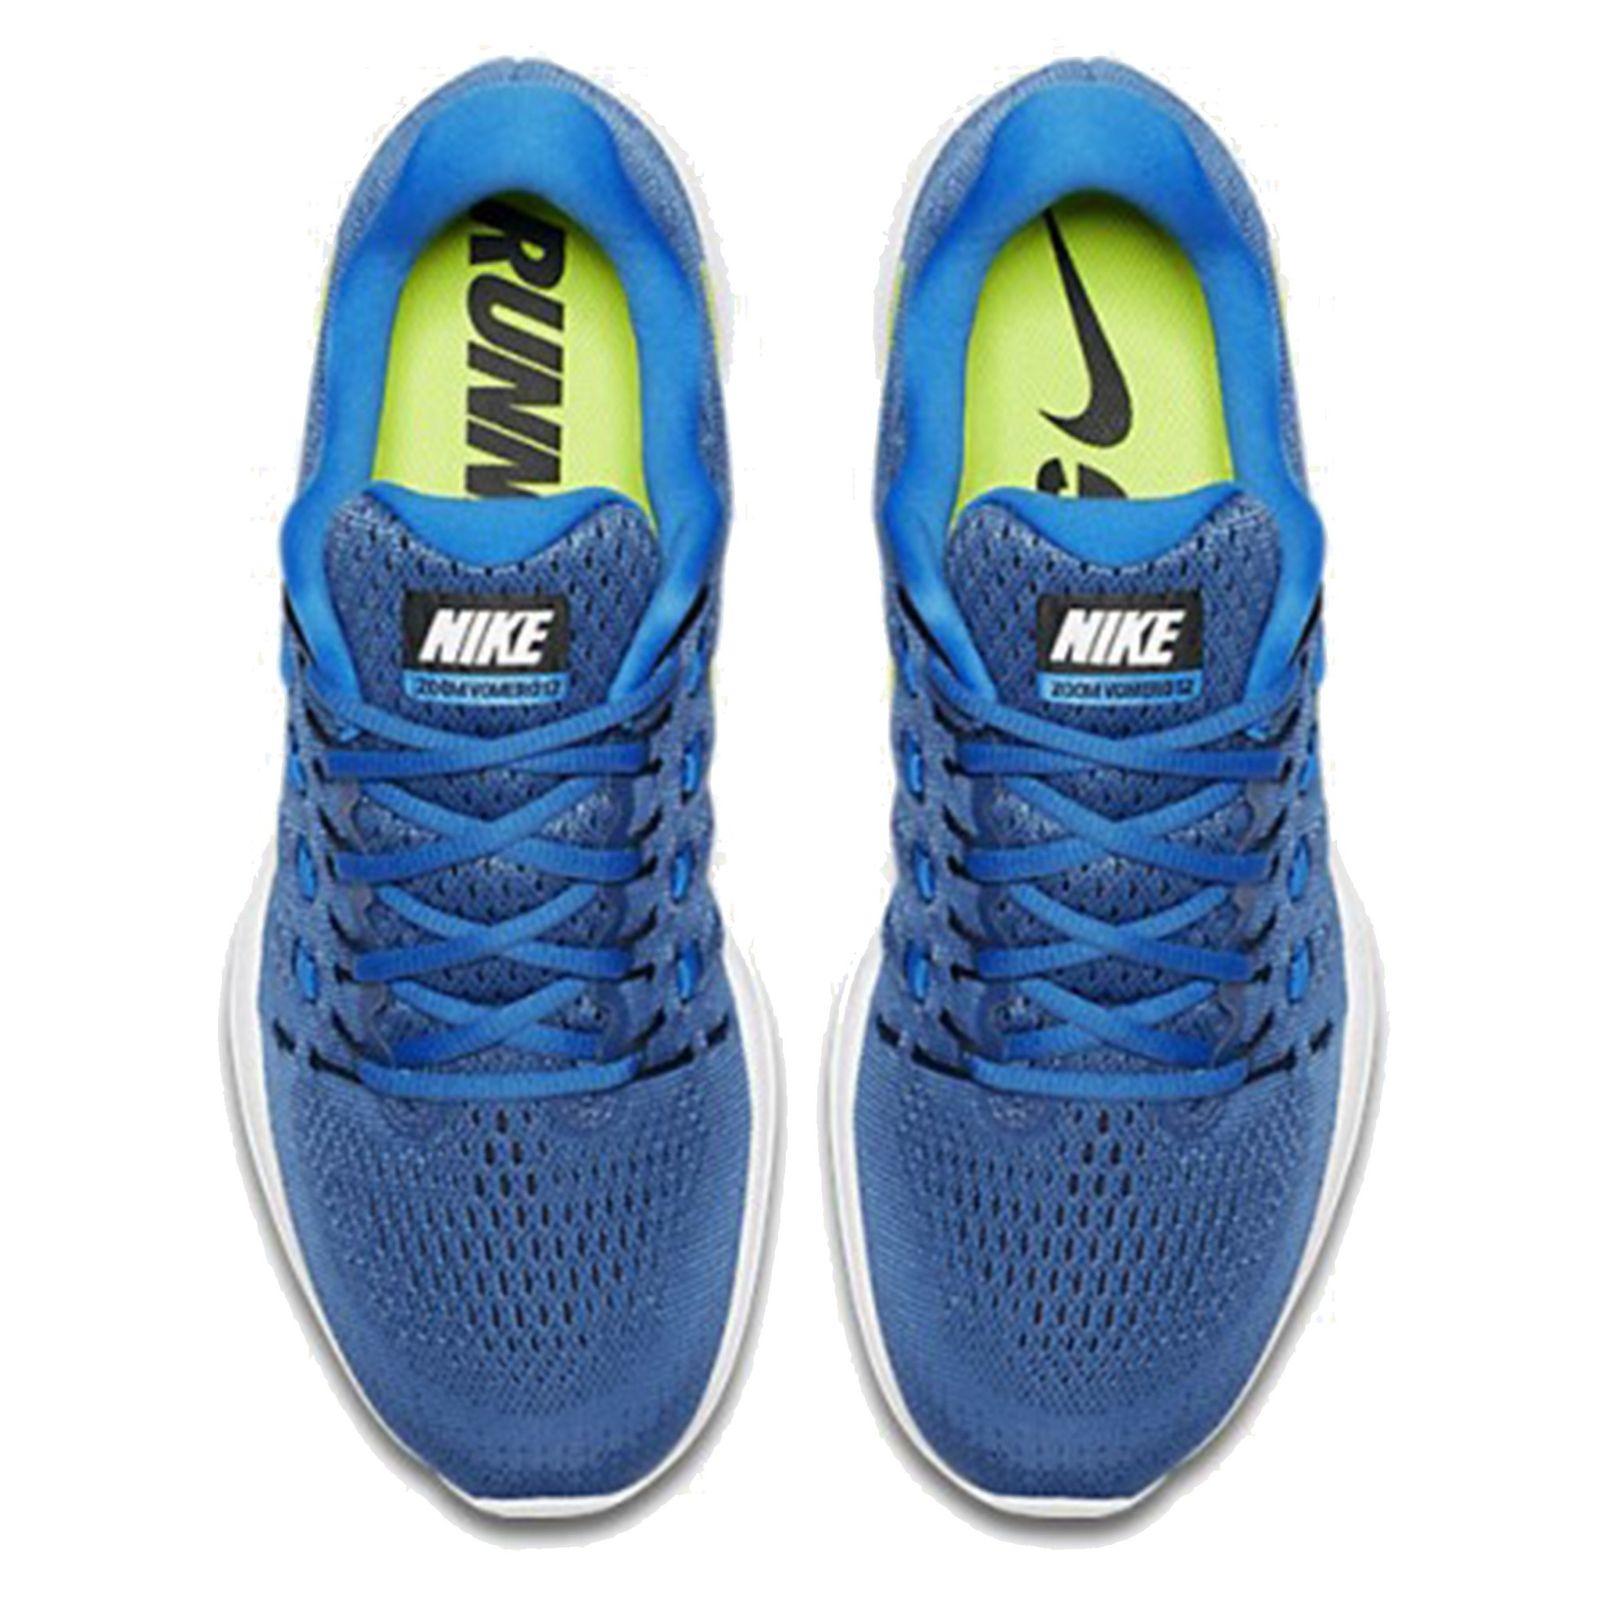 کفش دویدن بندی مردانه Air Zoom Vomero 12 - نایکی - آبي تيره - 2